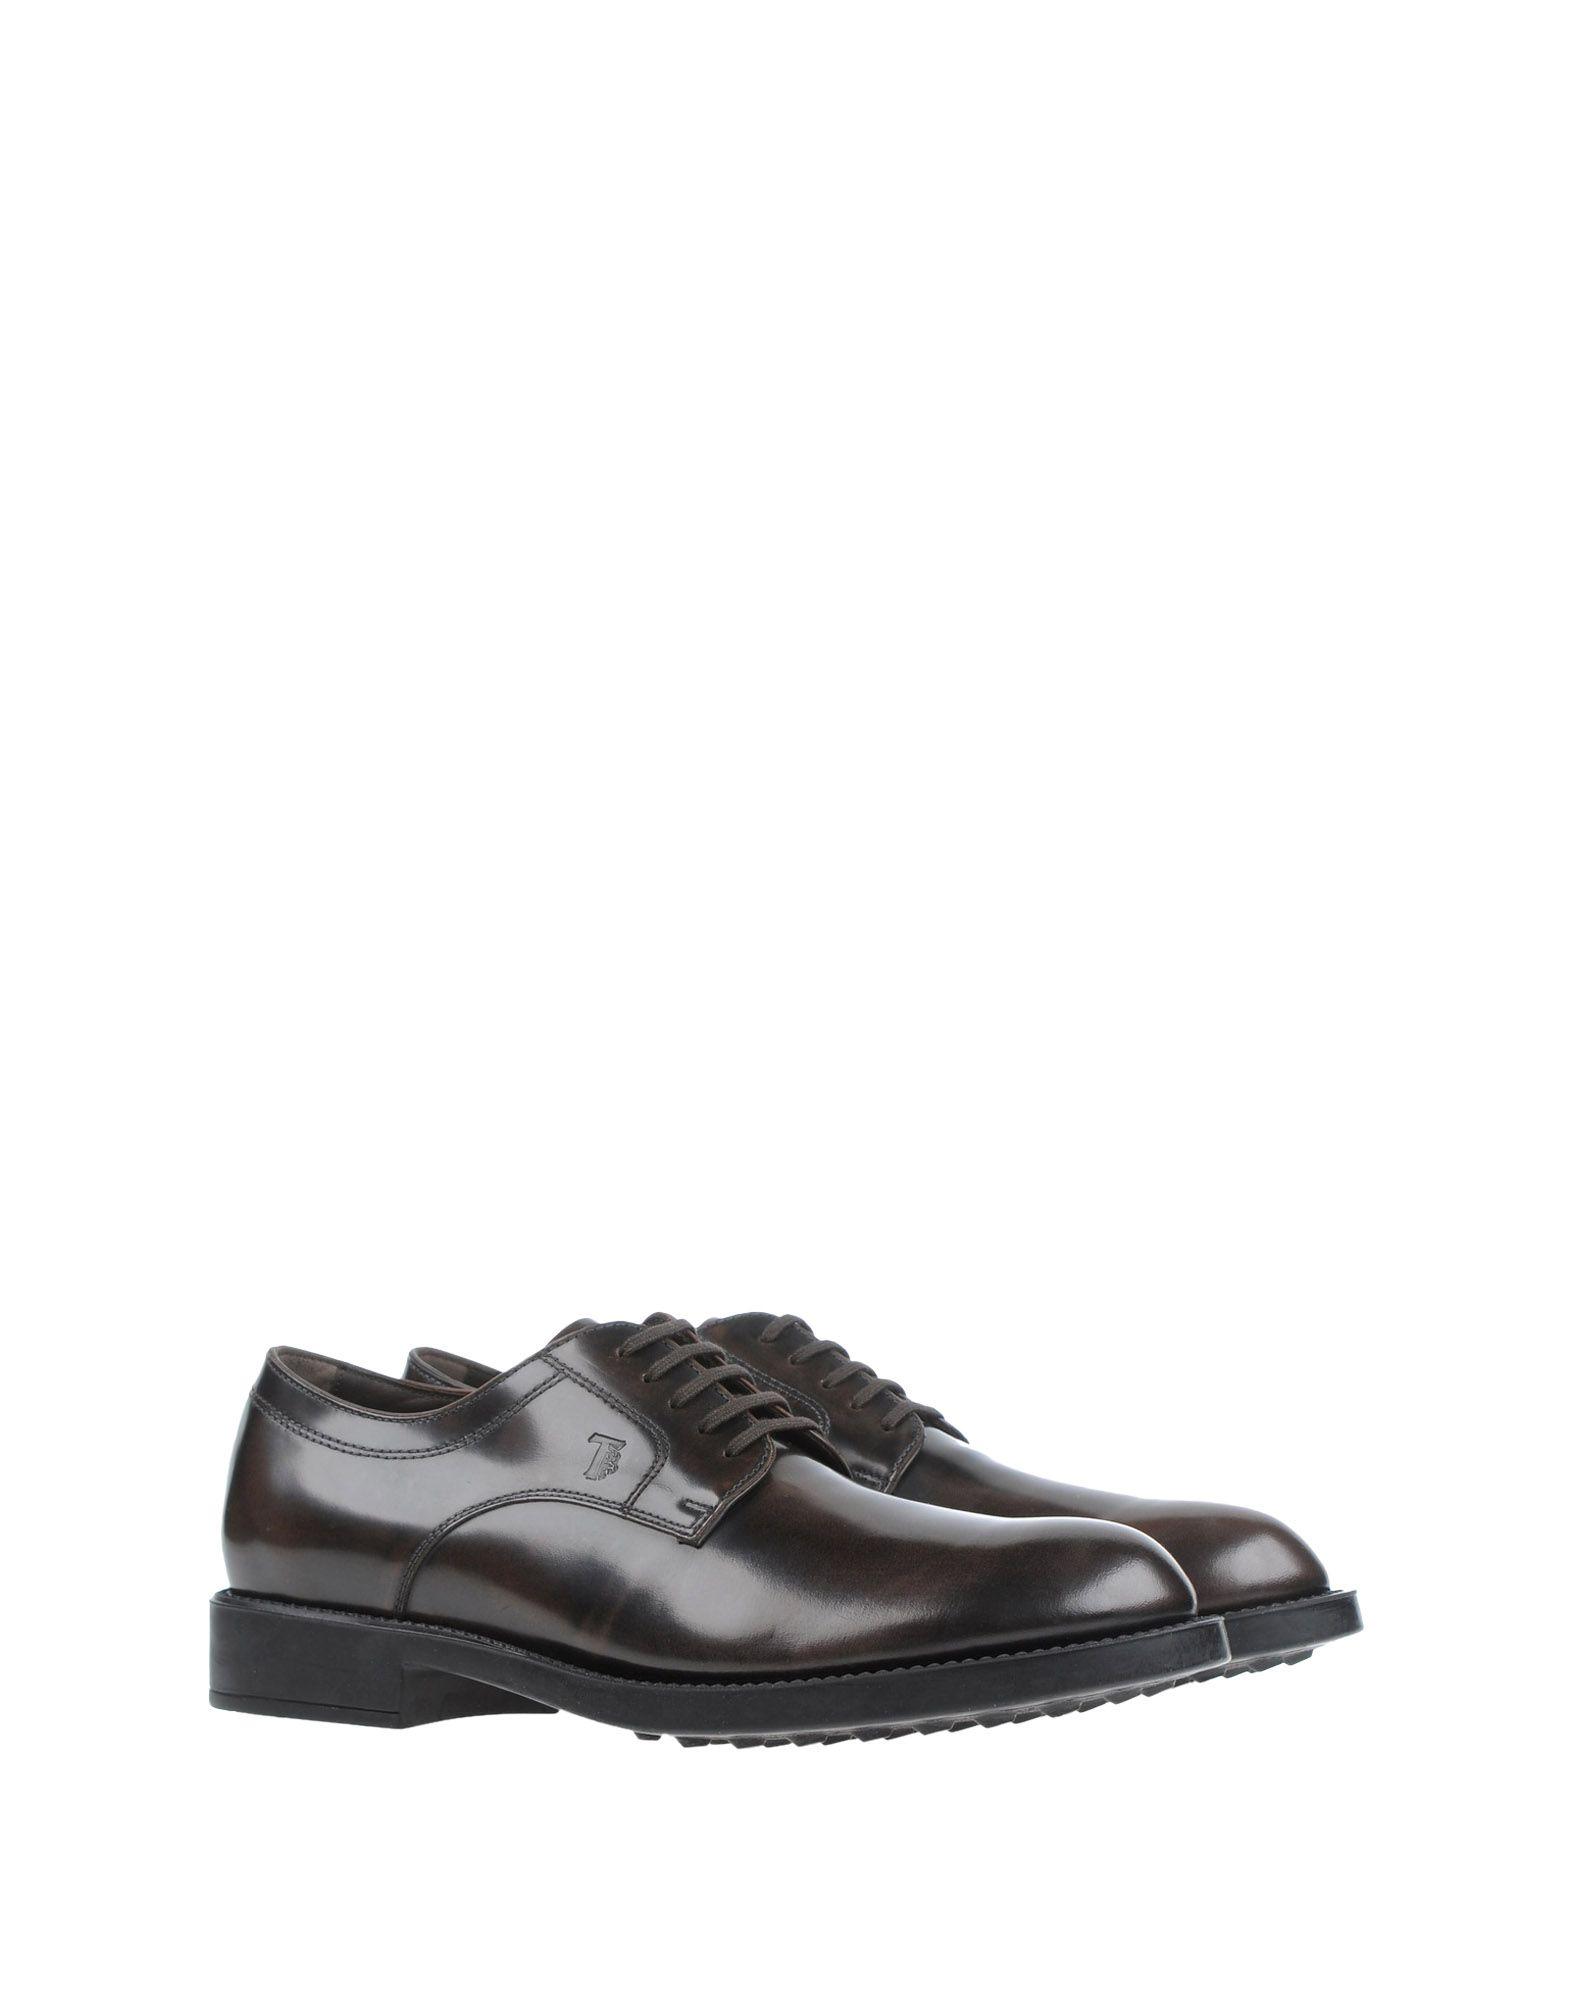 Tod's Schnürschuhe Herren  11311091QN Gute Qualität beliebte Schuhe